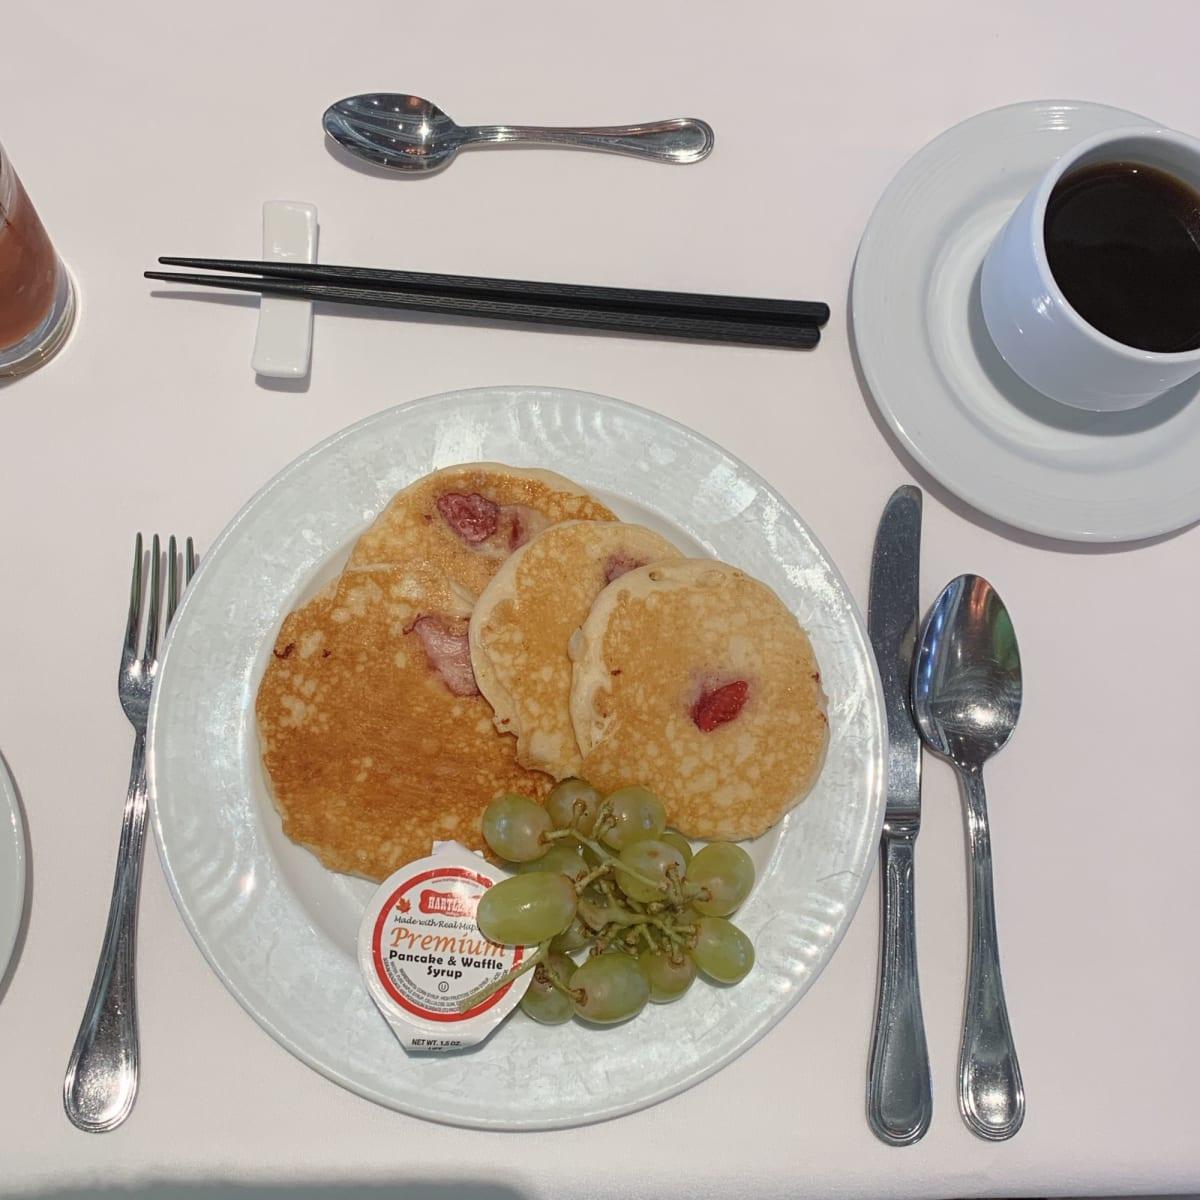 朝食のパンケーキ♡美味してく毎朝6枚が日課に(*´꒳`*)   客船コスタ・ネオロマンチカのダイニング、フード&ドリンク